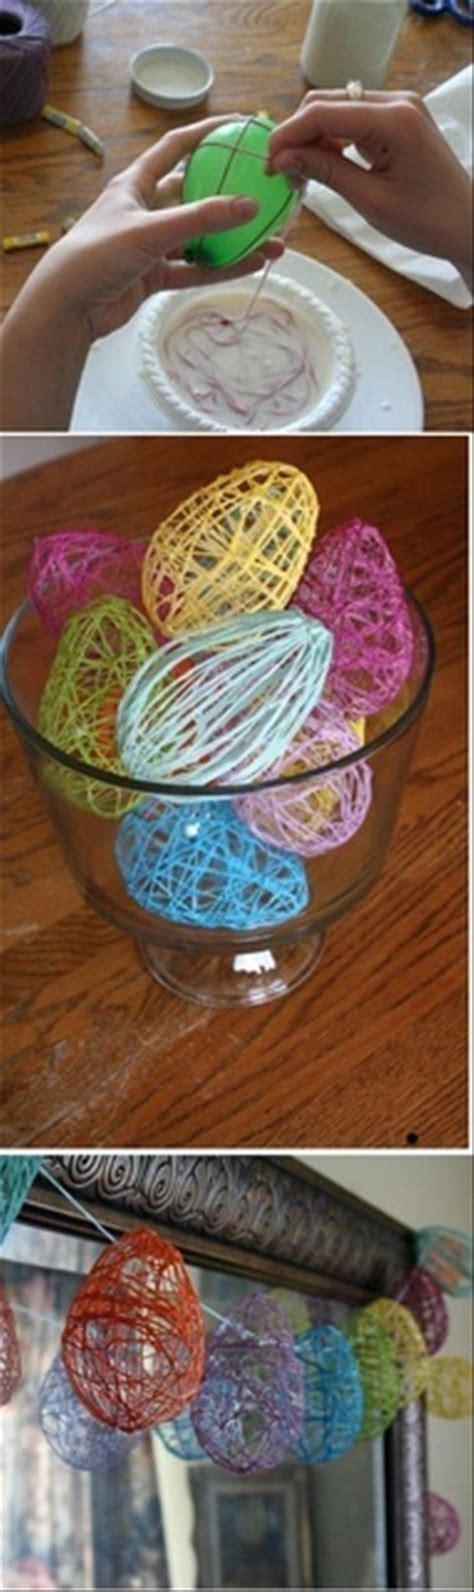 easter egg decorations craft easy easter diy crafts easter egg garland dump a day